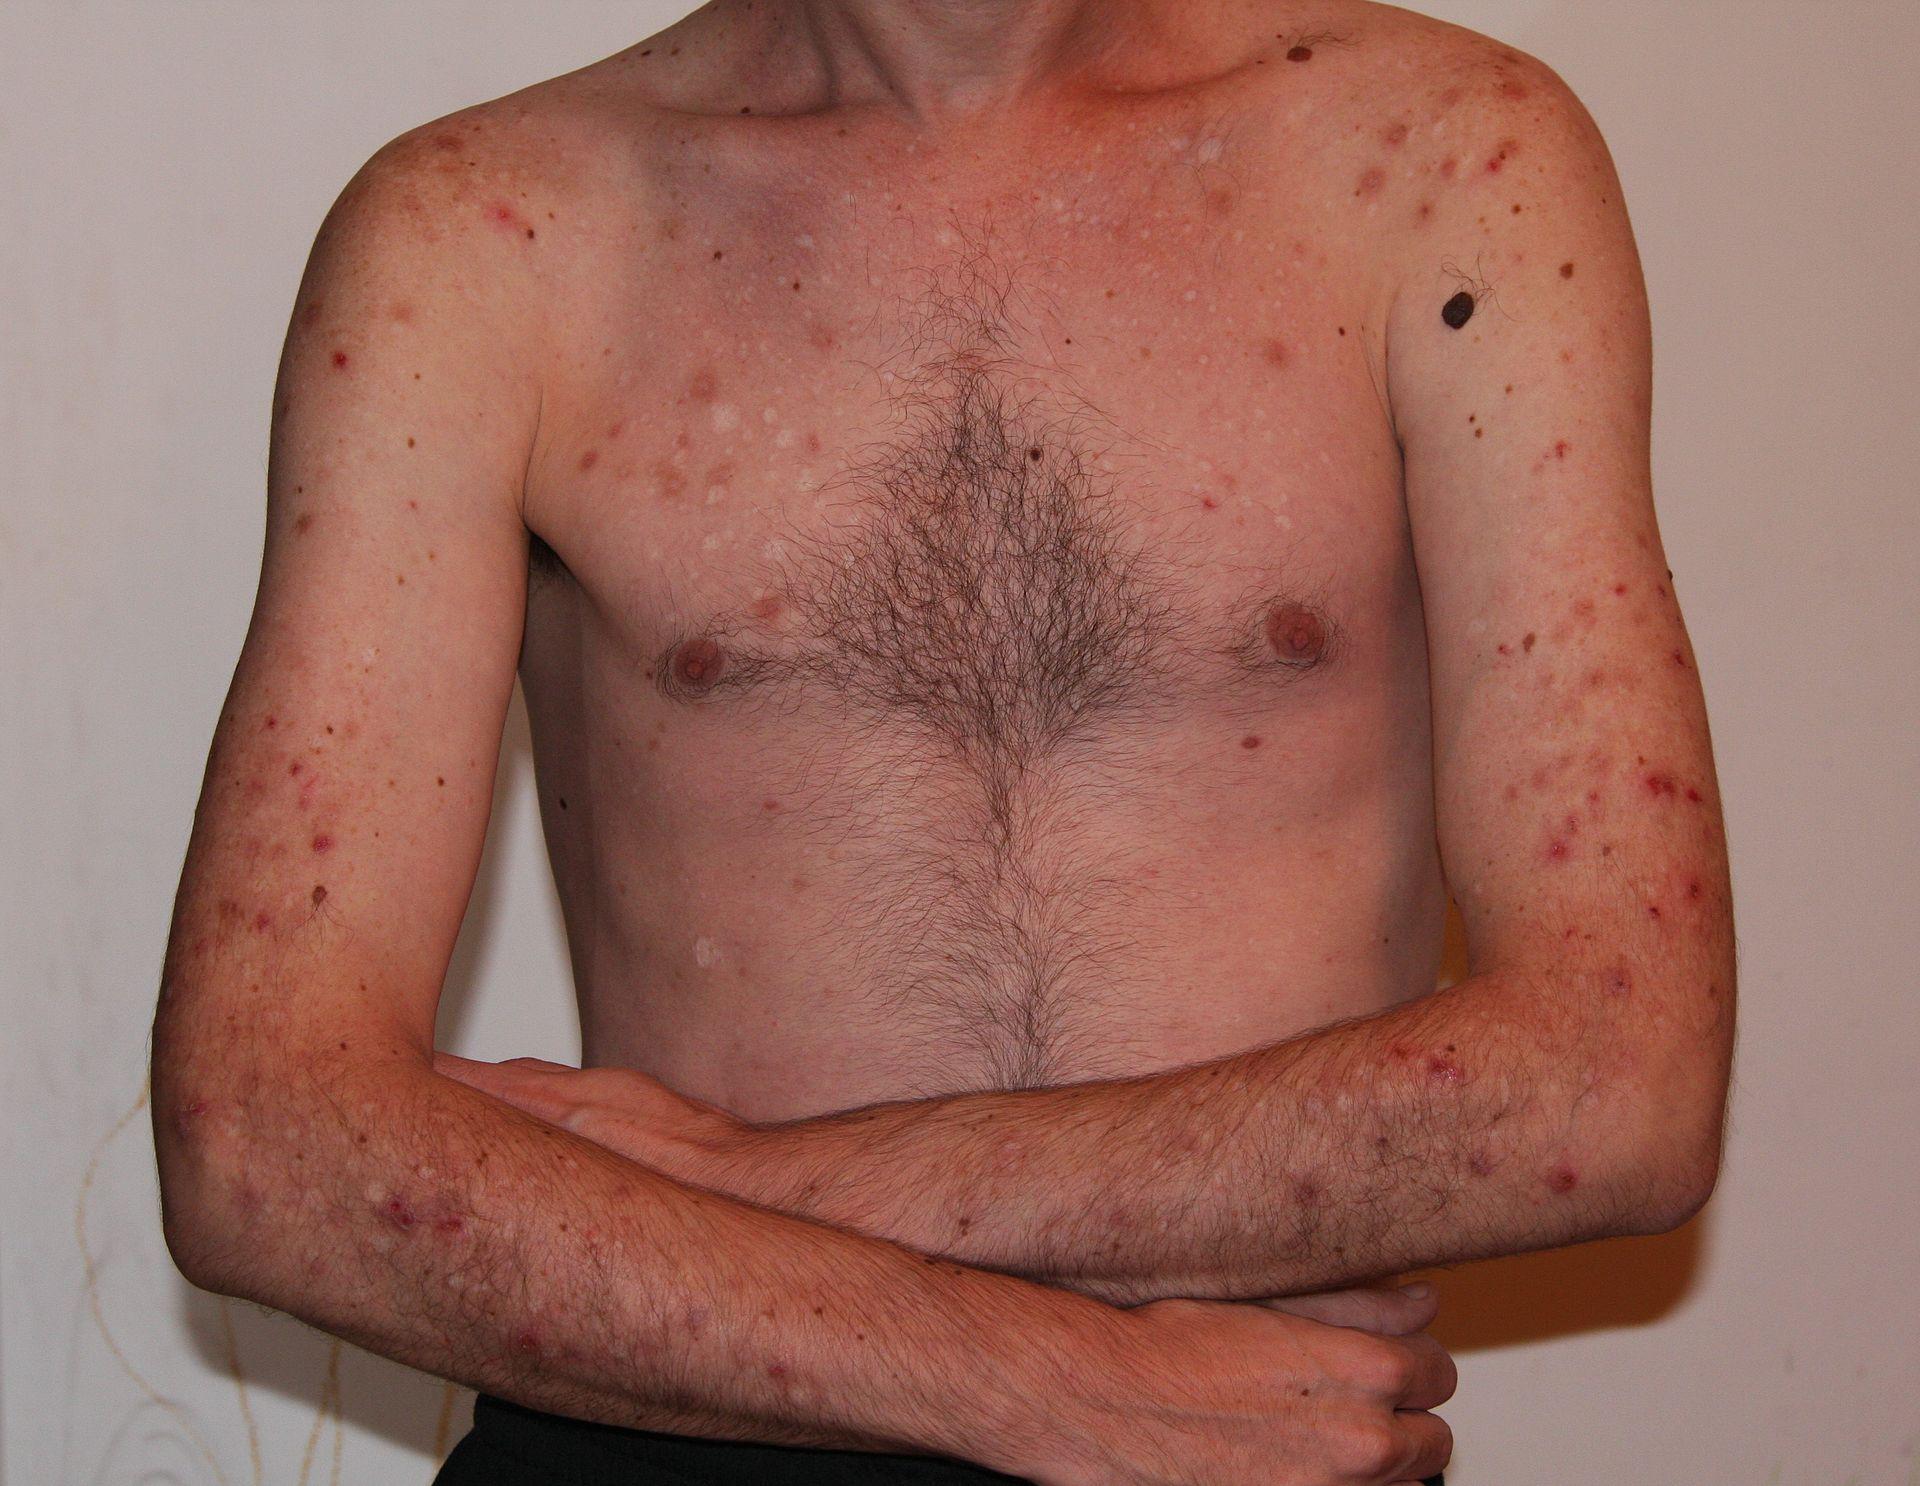 Acne excoriee, de behandeling, verwijdering en meer